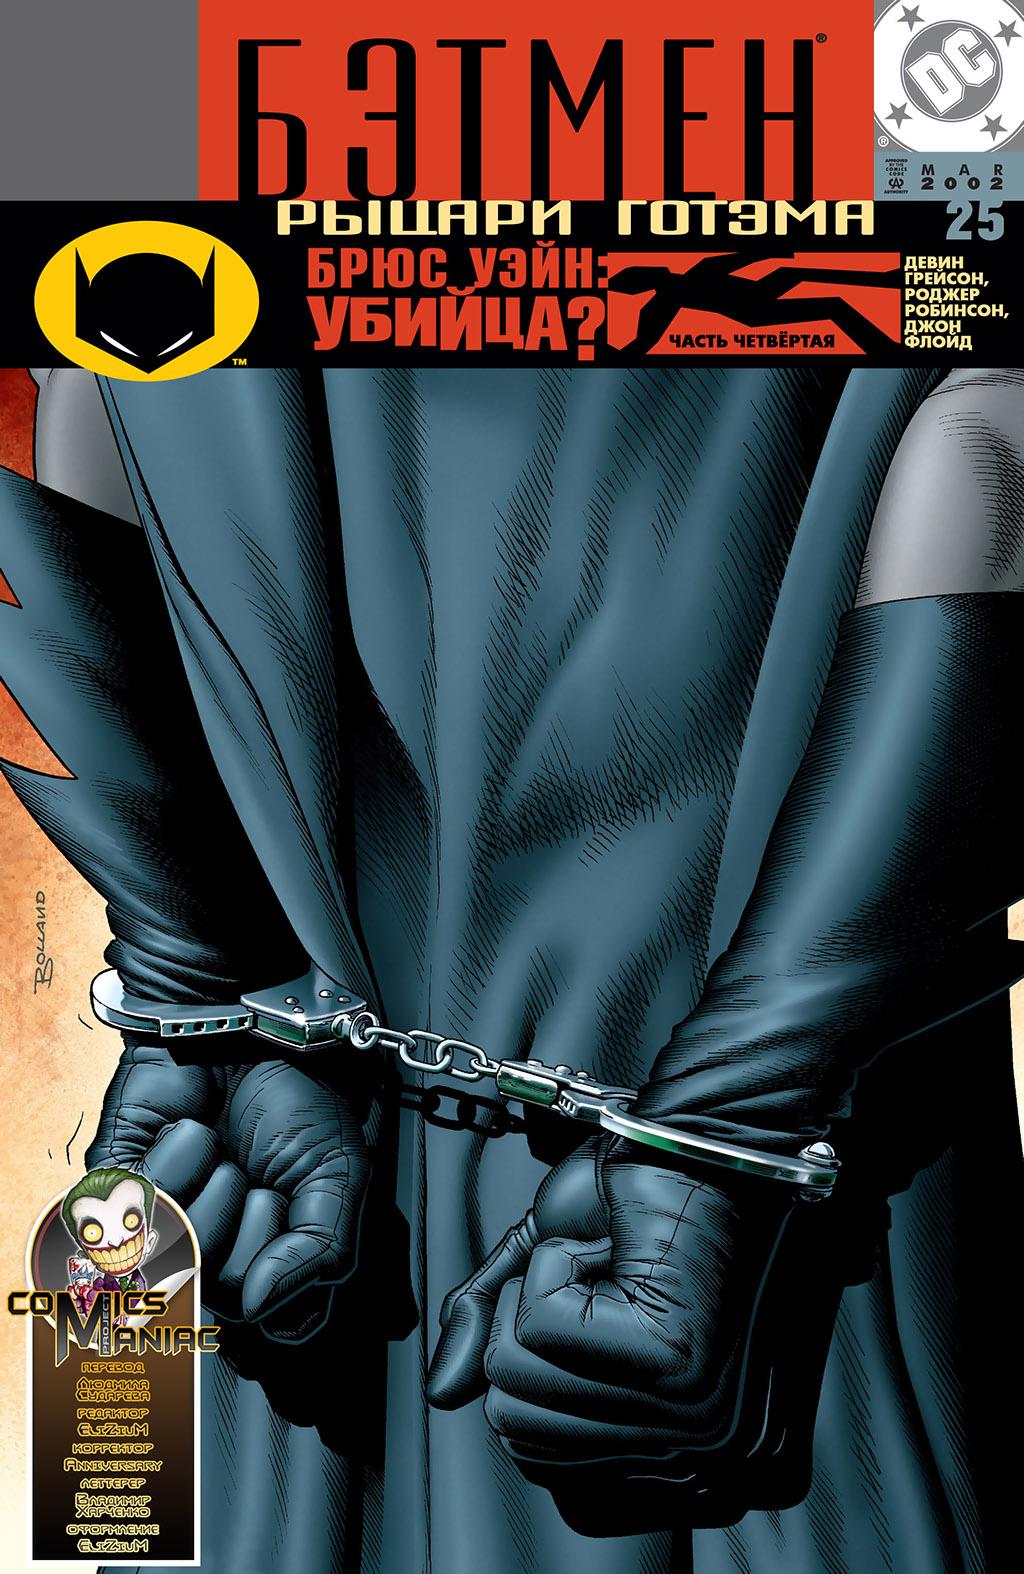 Комикс Бэтмен Рыцари Готэма